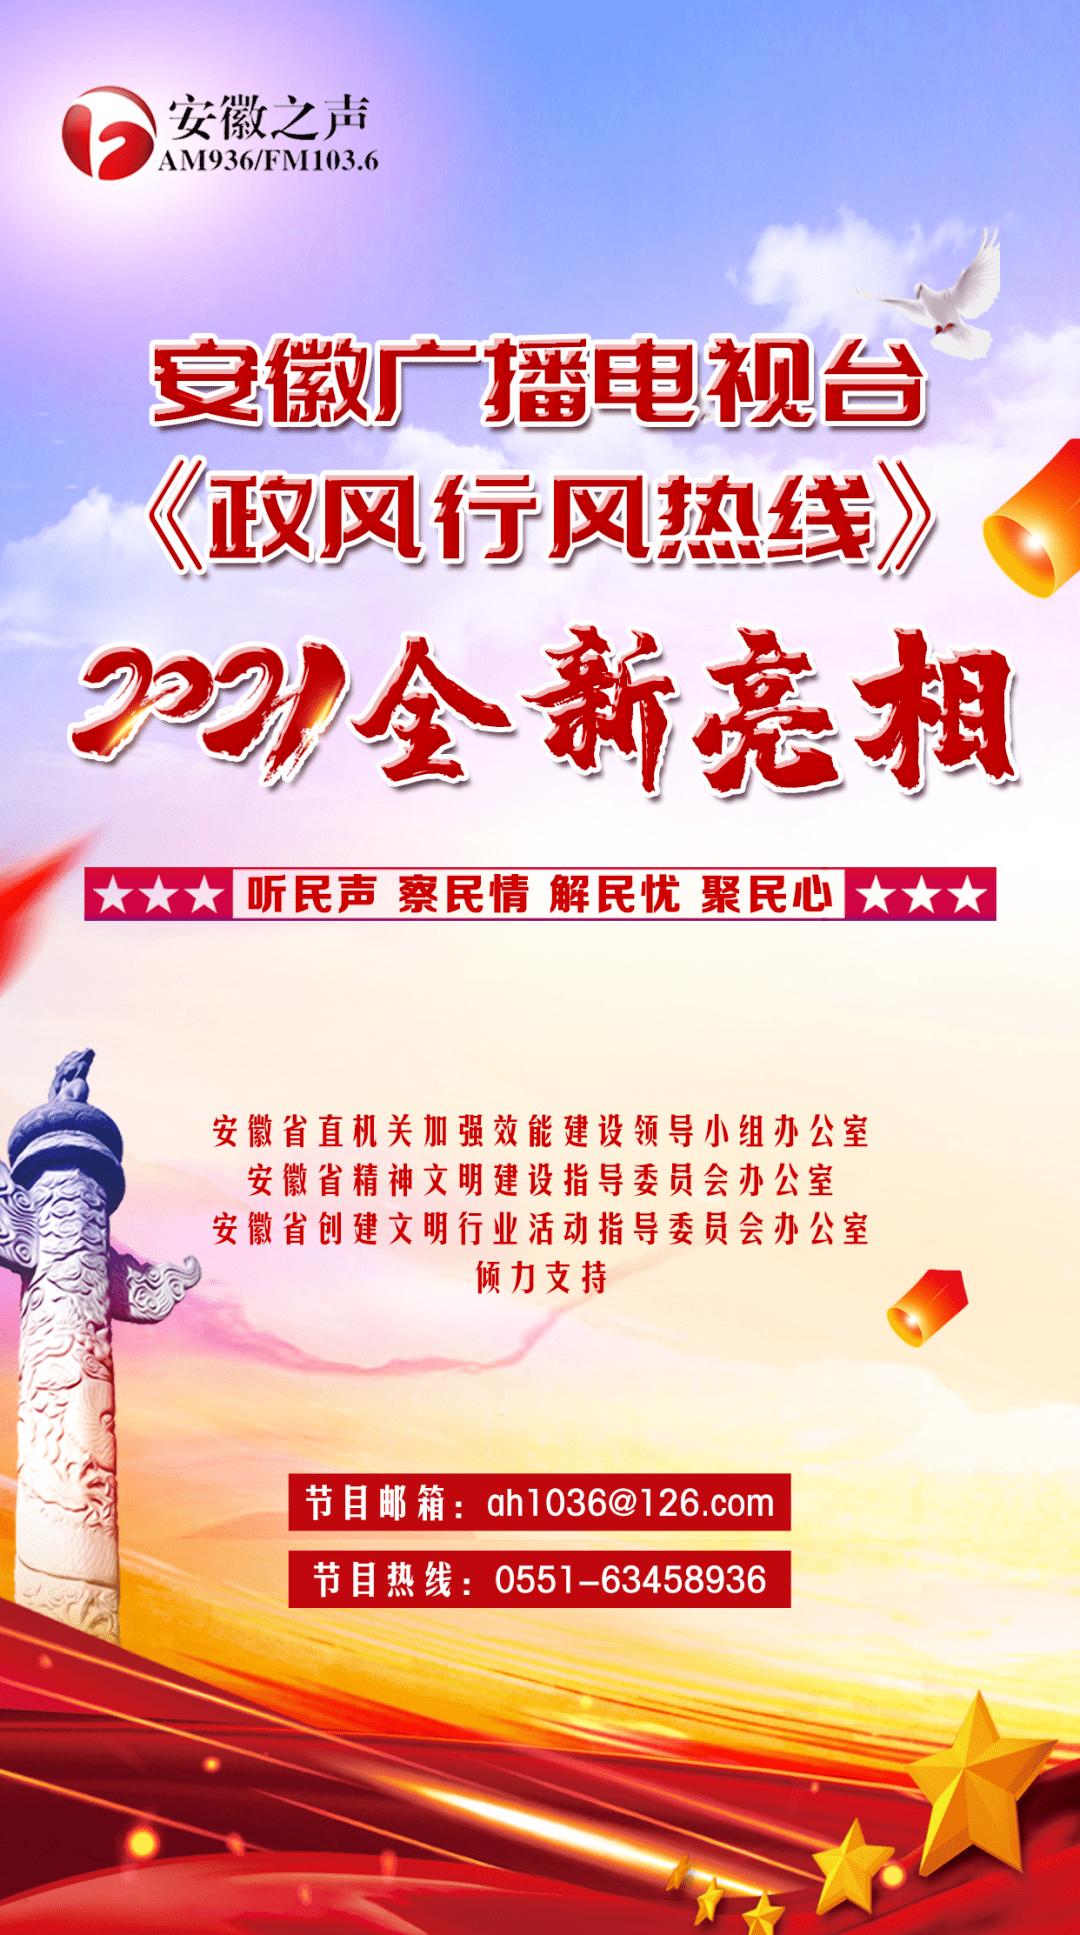 问政江淮丨老旧小区改造你还有啥意见要提?